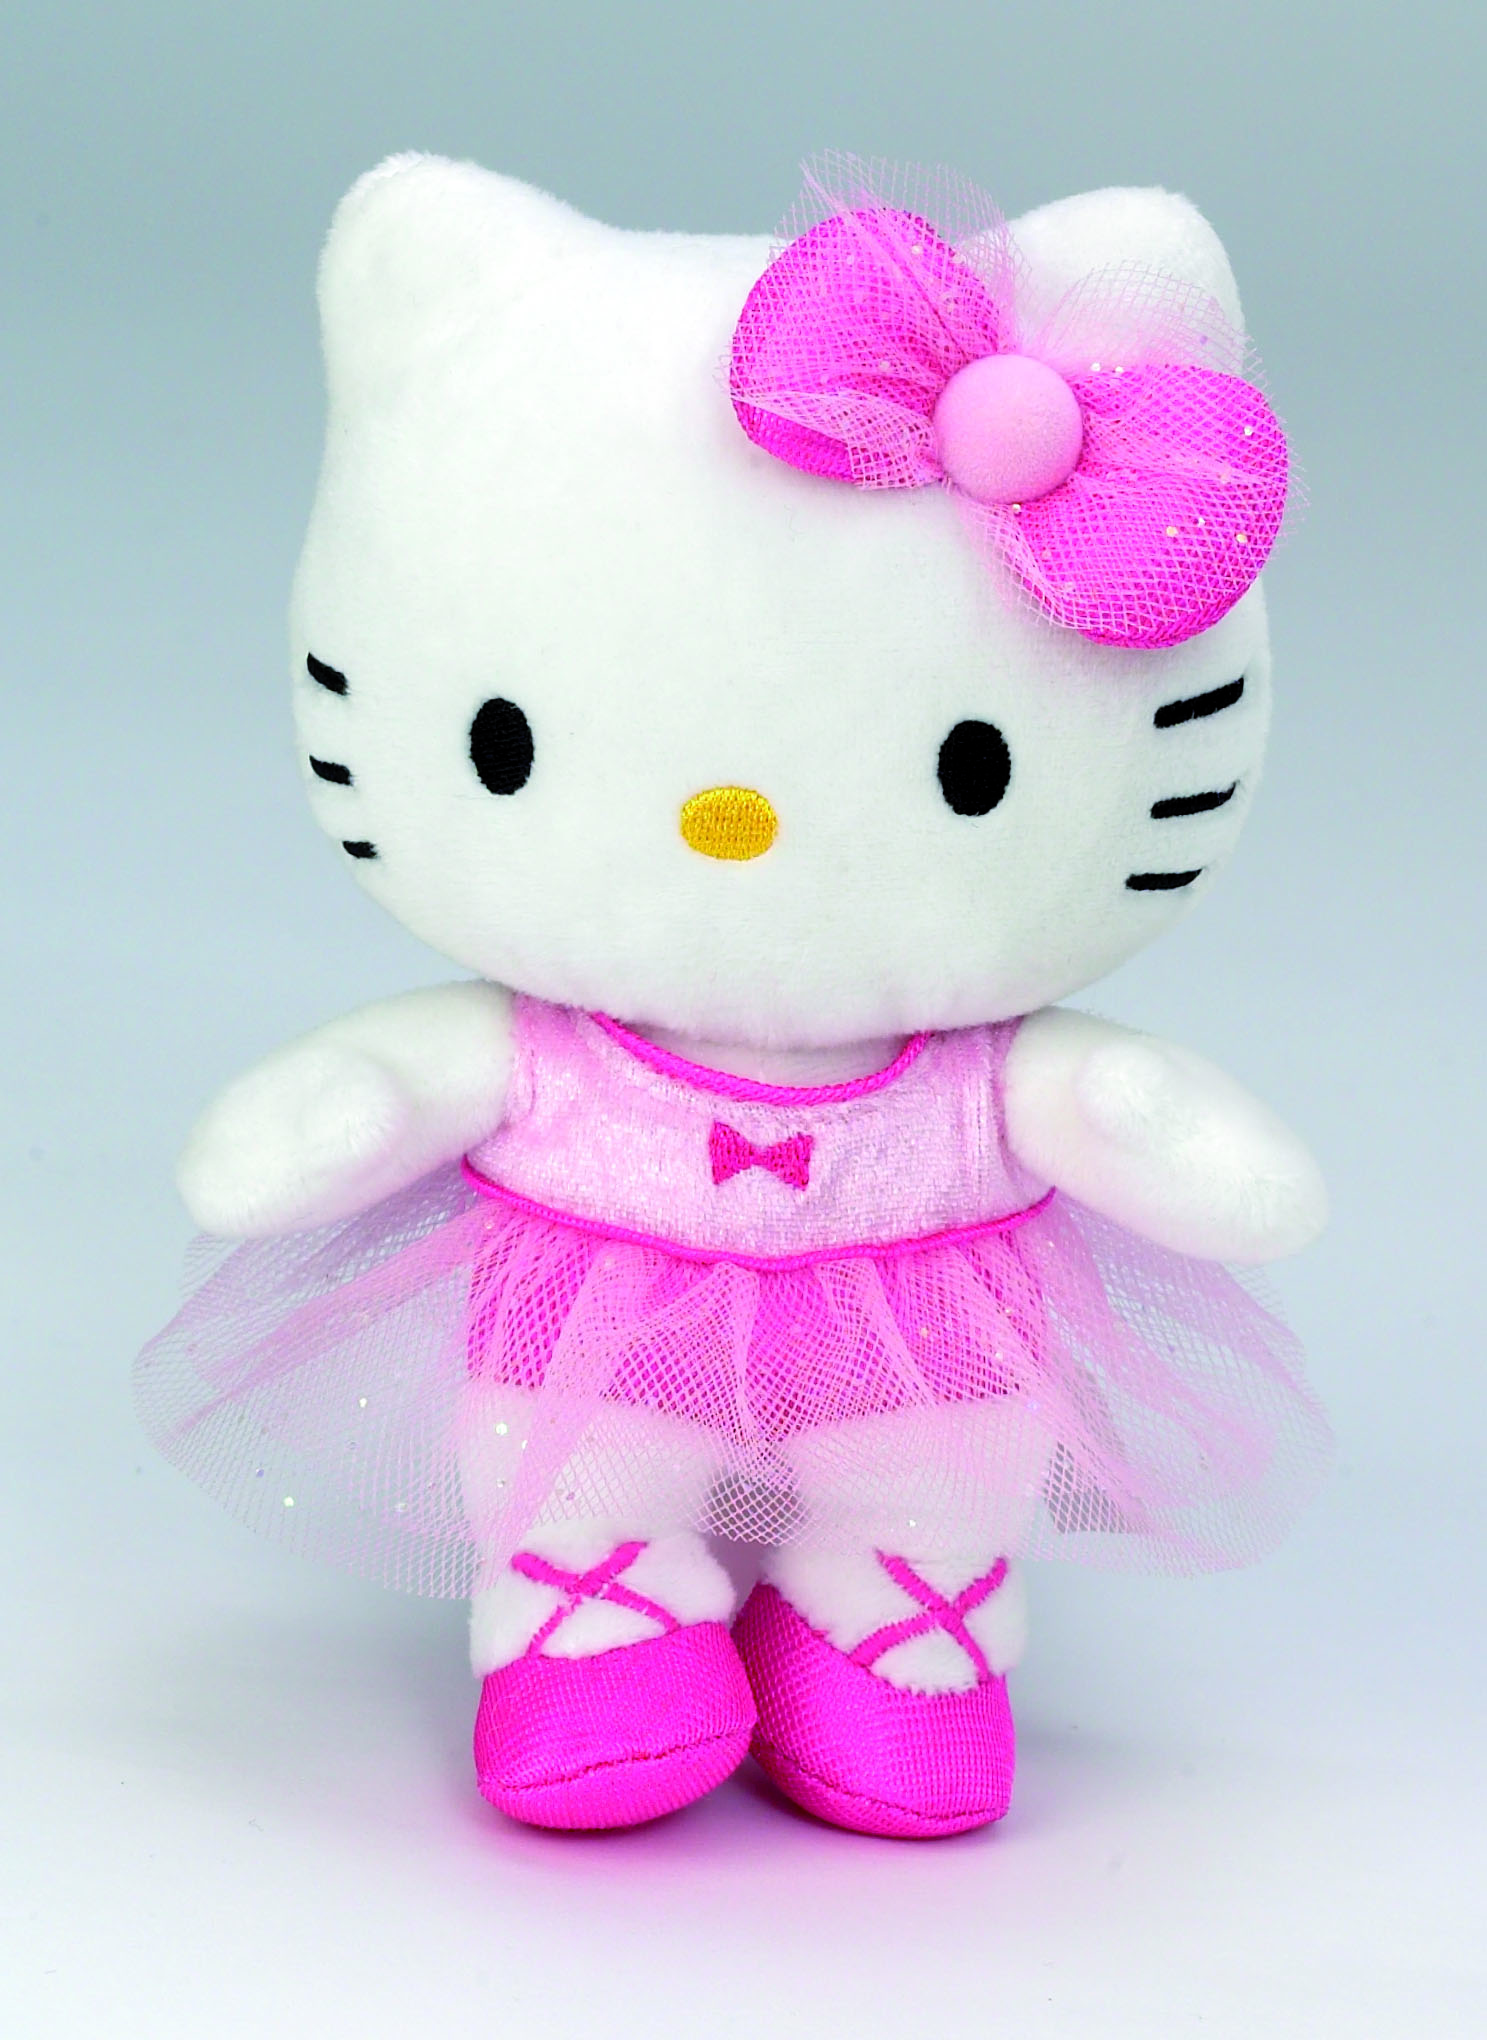 Мягкая игрушка Hello Kitty  балерина 15 см в дисплее (AT-021830)